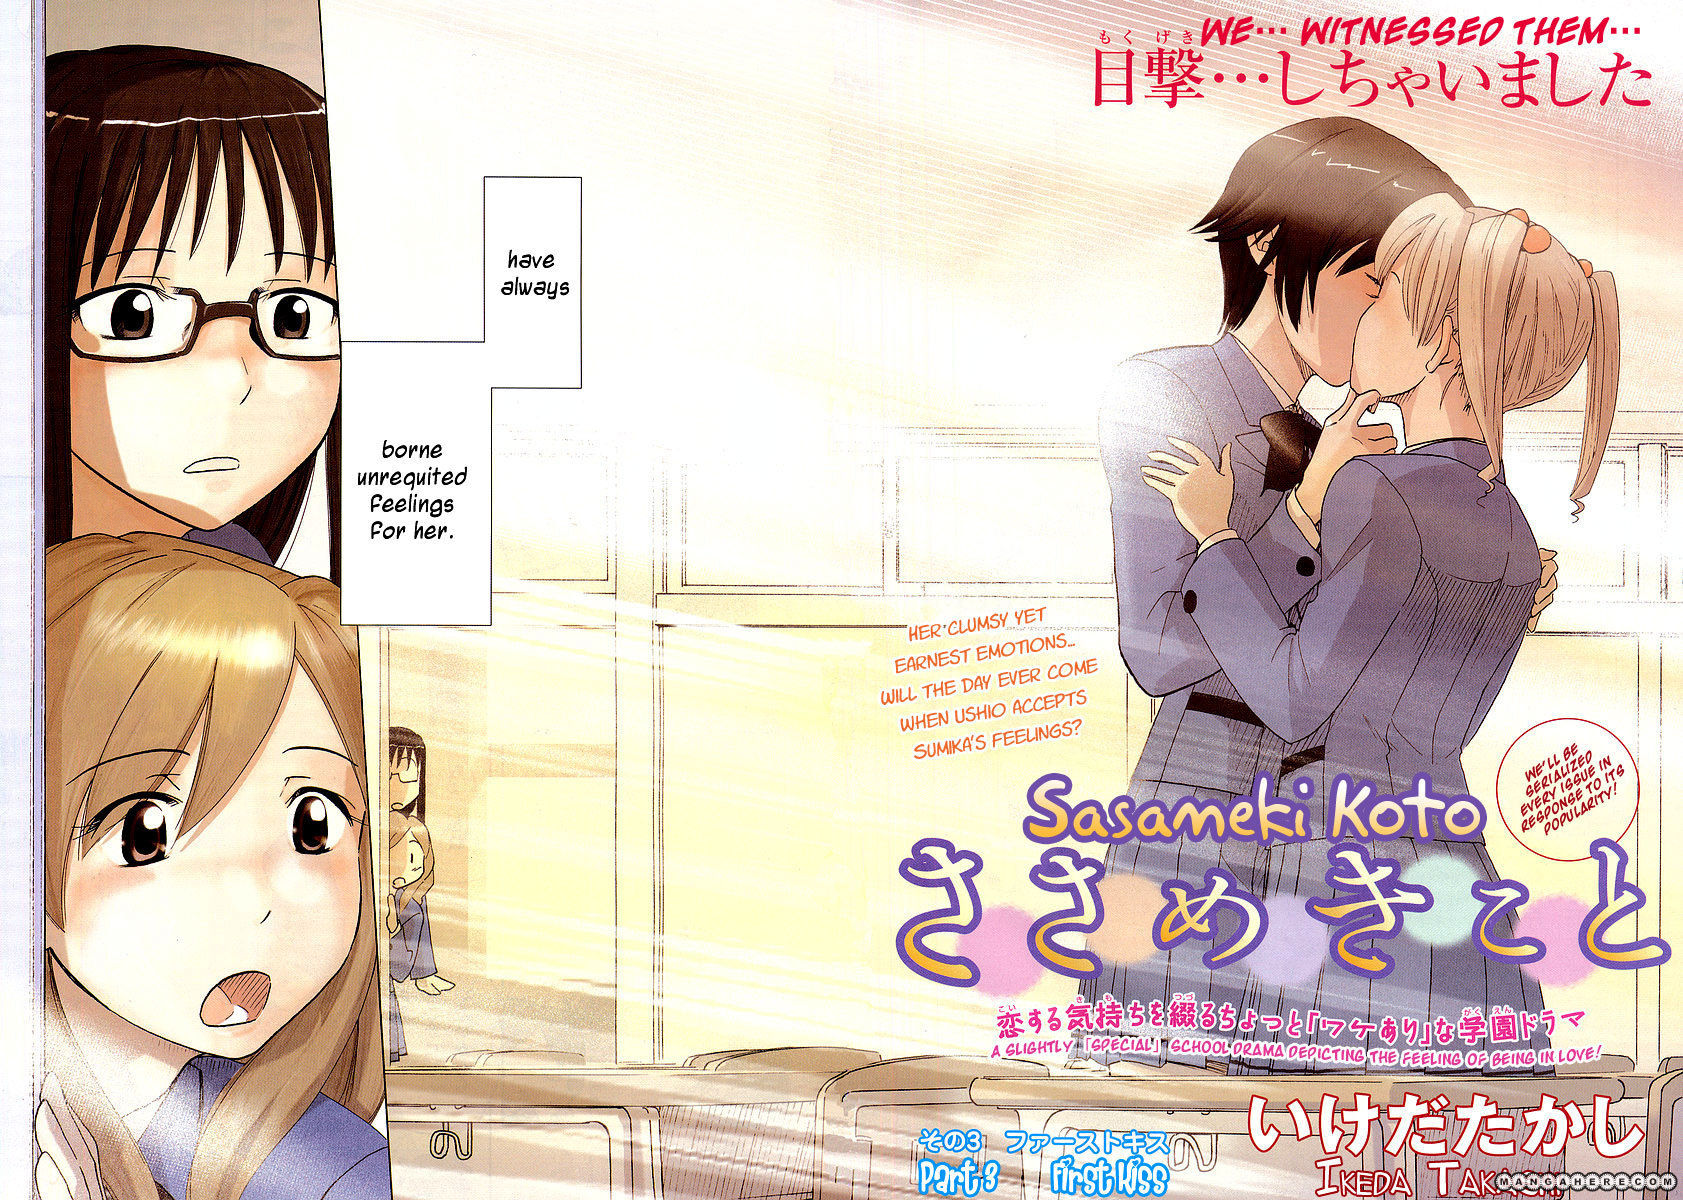 Sasamekikoto 3 Page 2